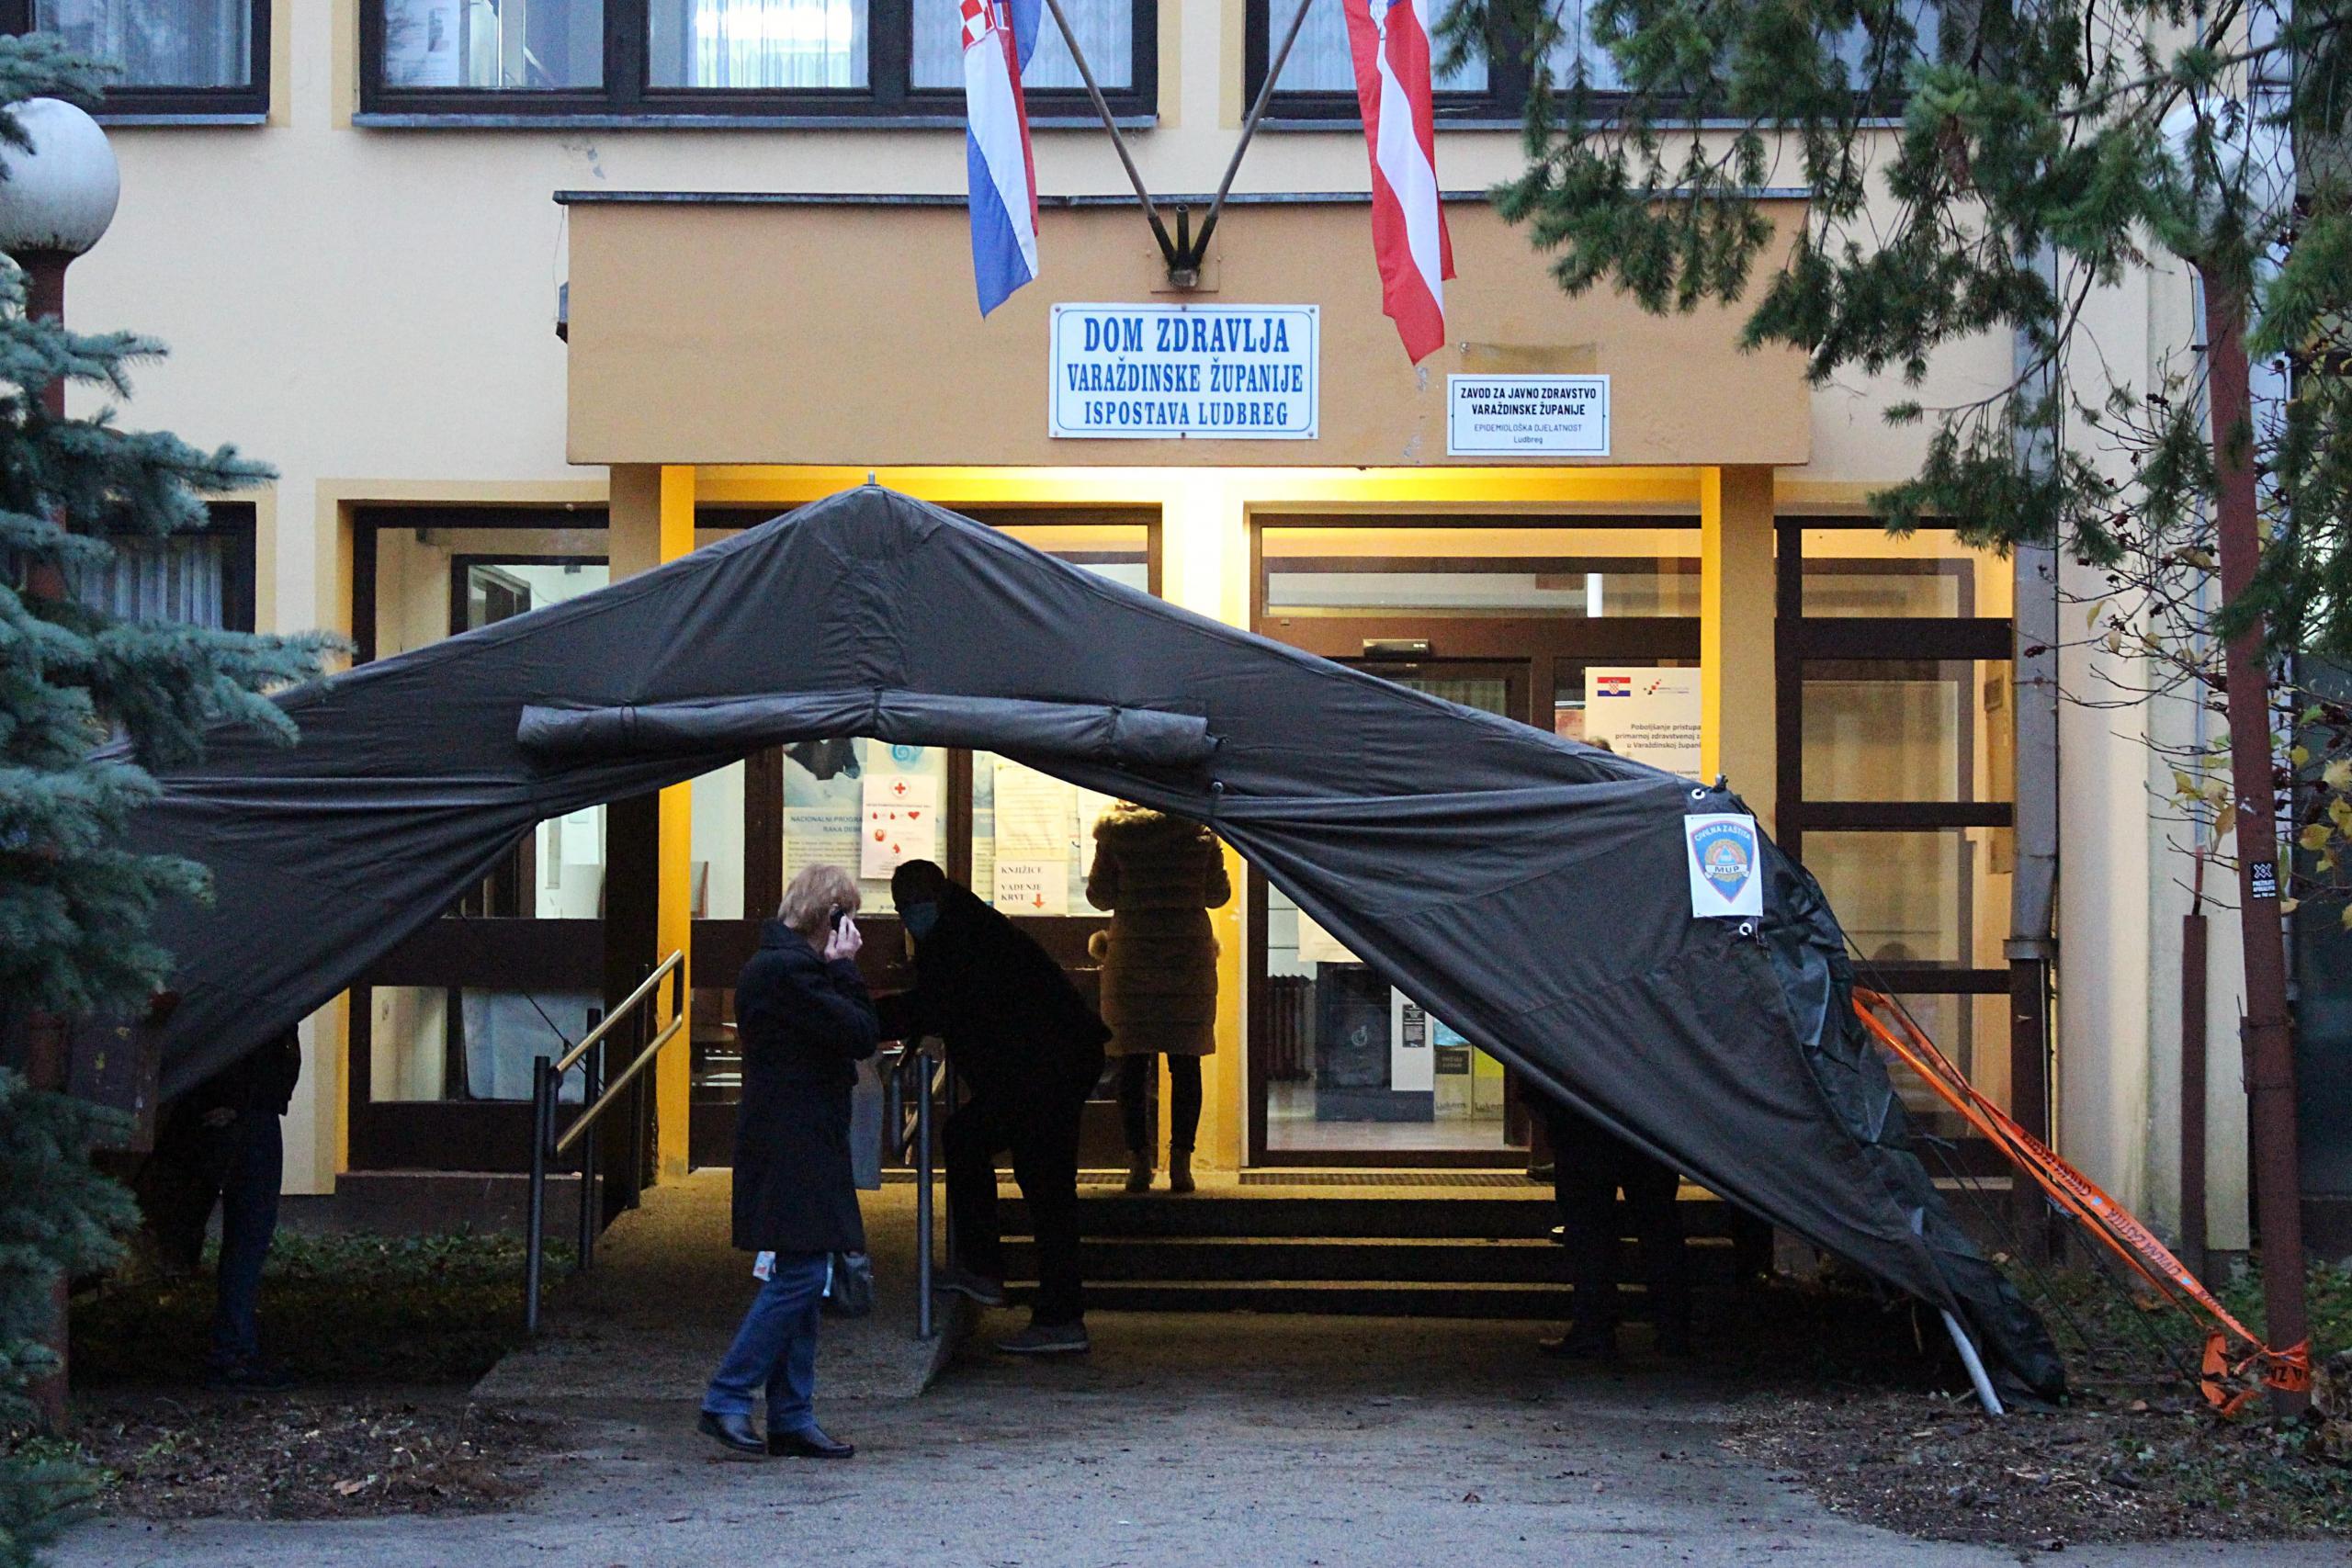 Šator na ulazu u Dom zdravlja Ludbreg